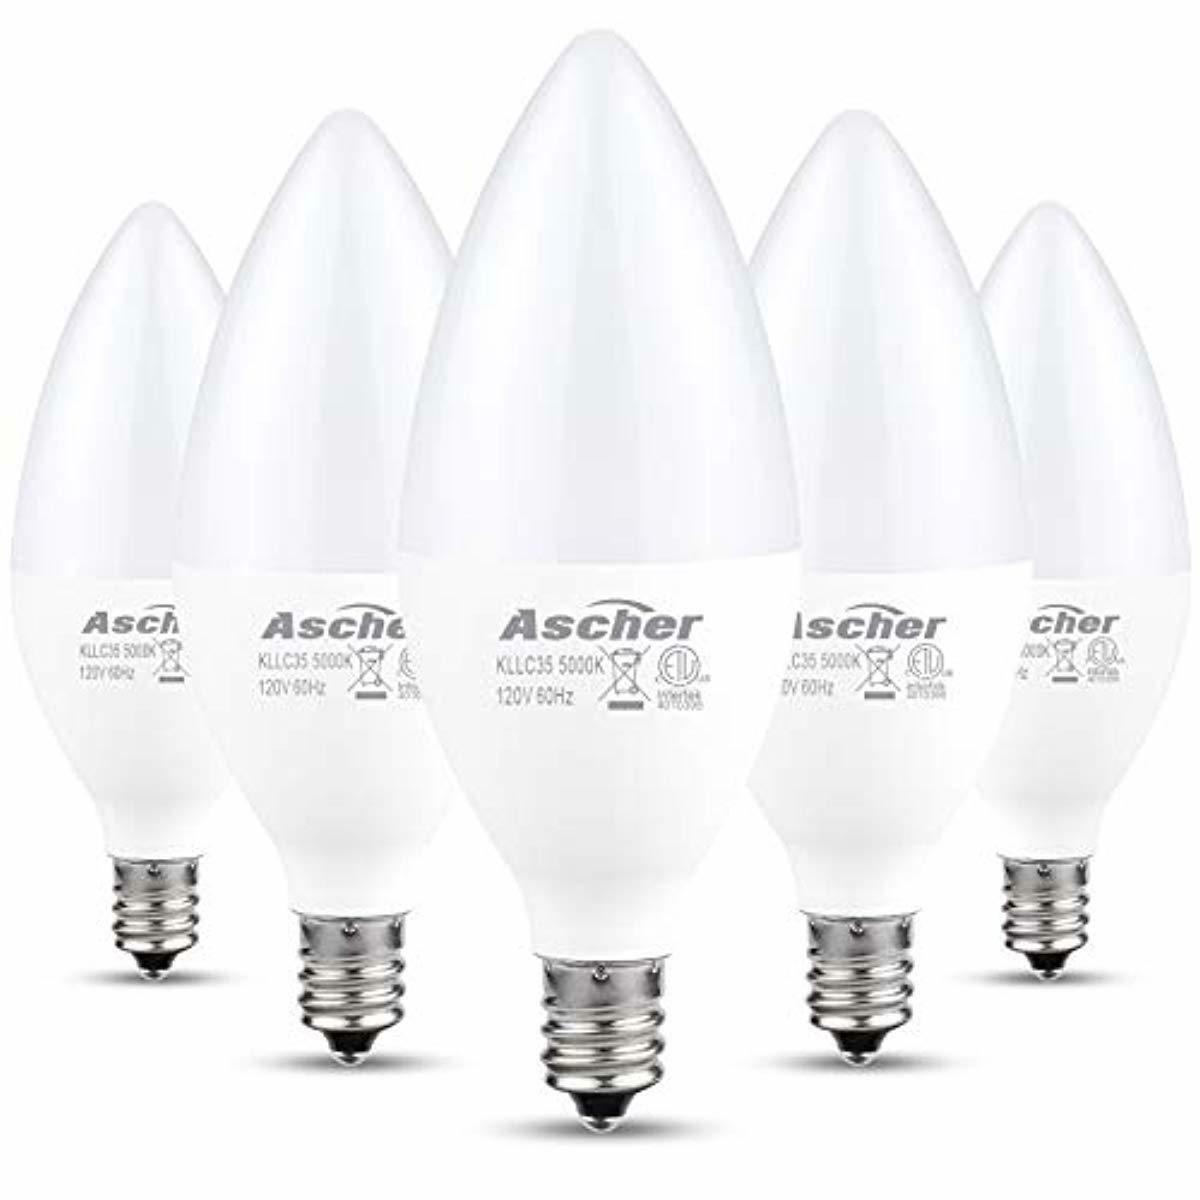 LED Candelabra Light Bulbs E12 5000K Daylight White Non Dimm